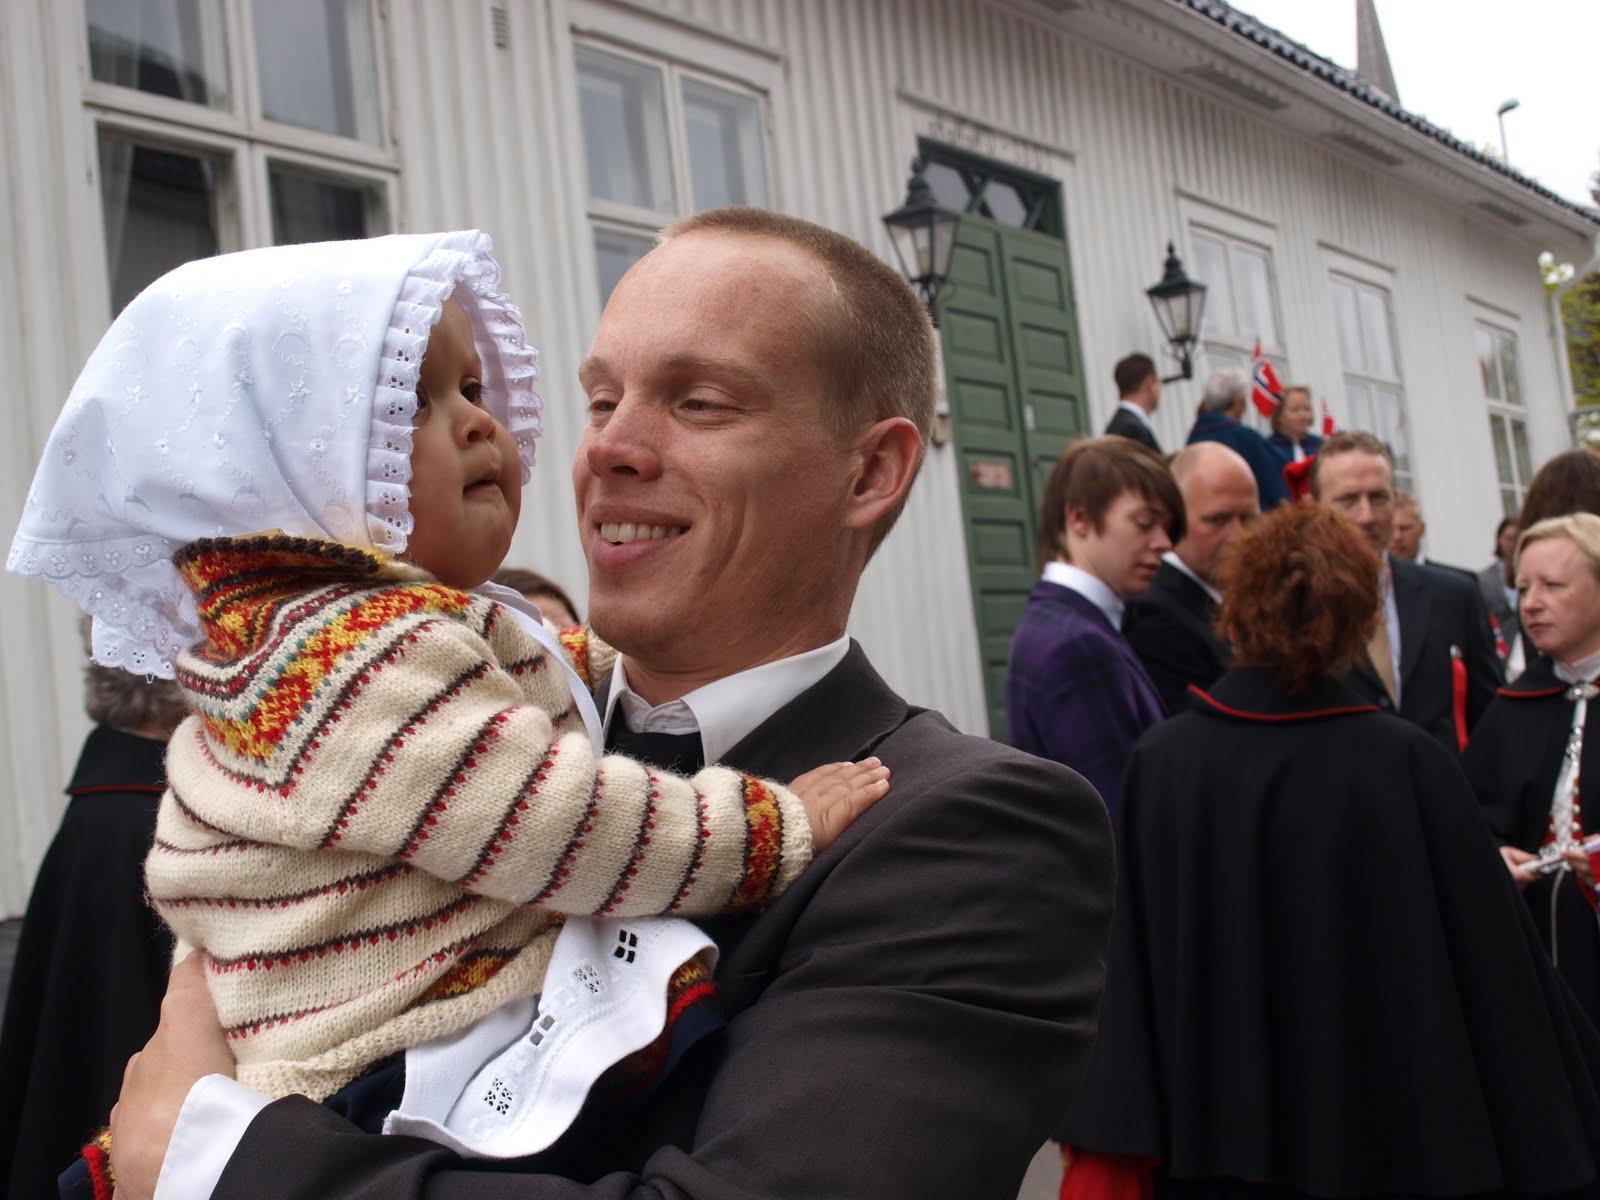 norsk puling verdens søteste jente